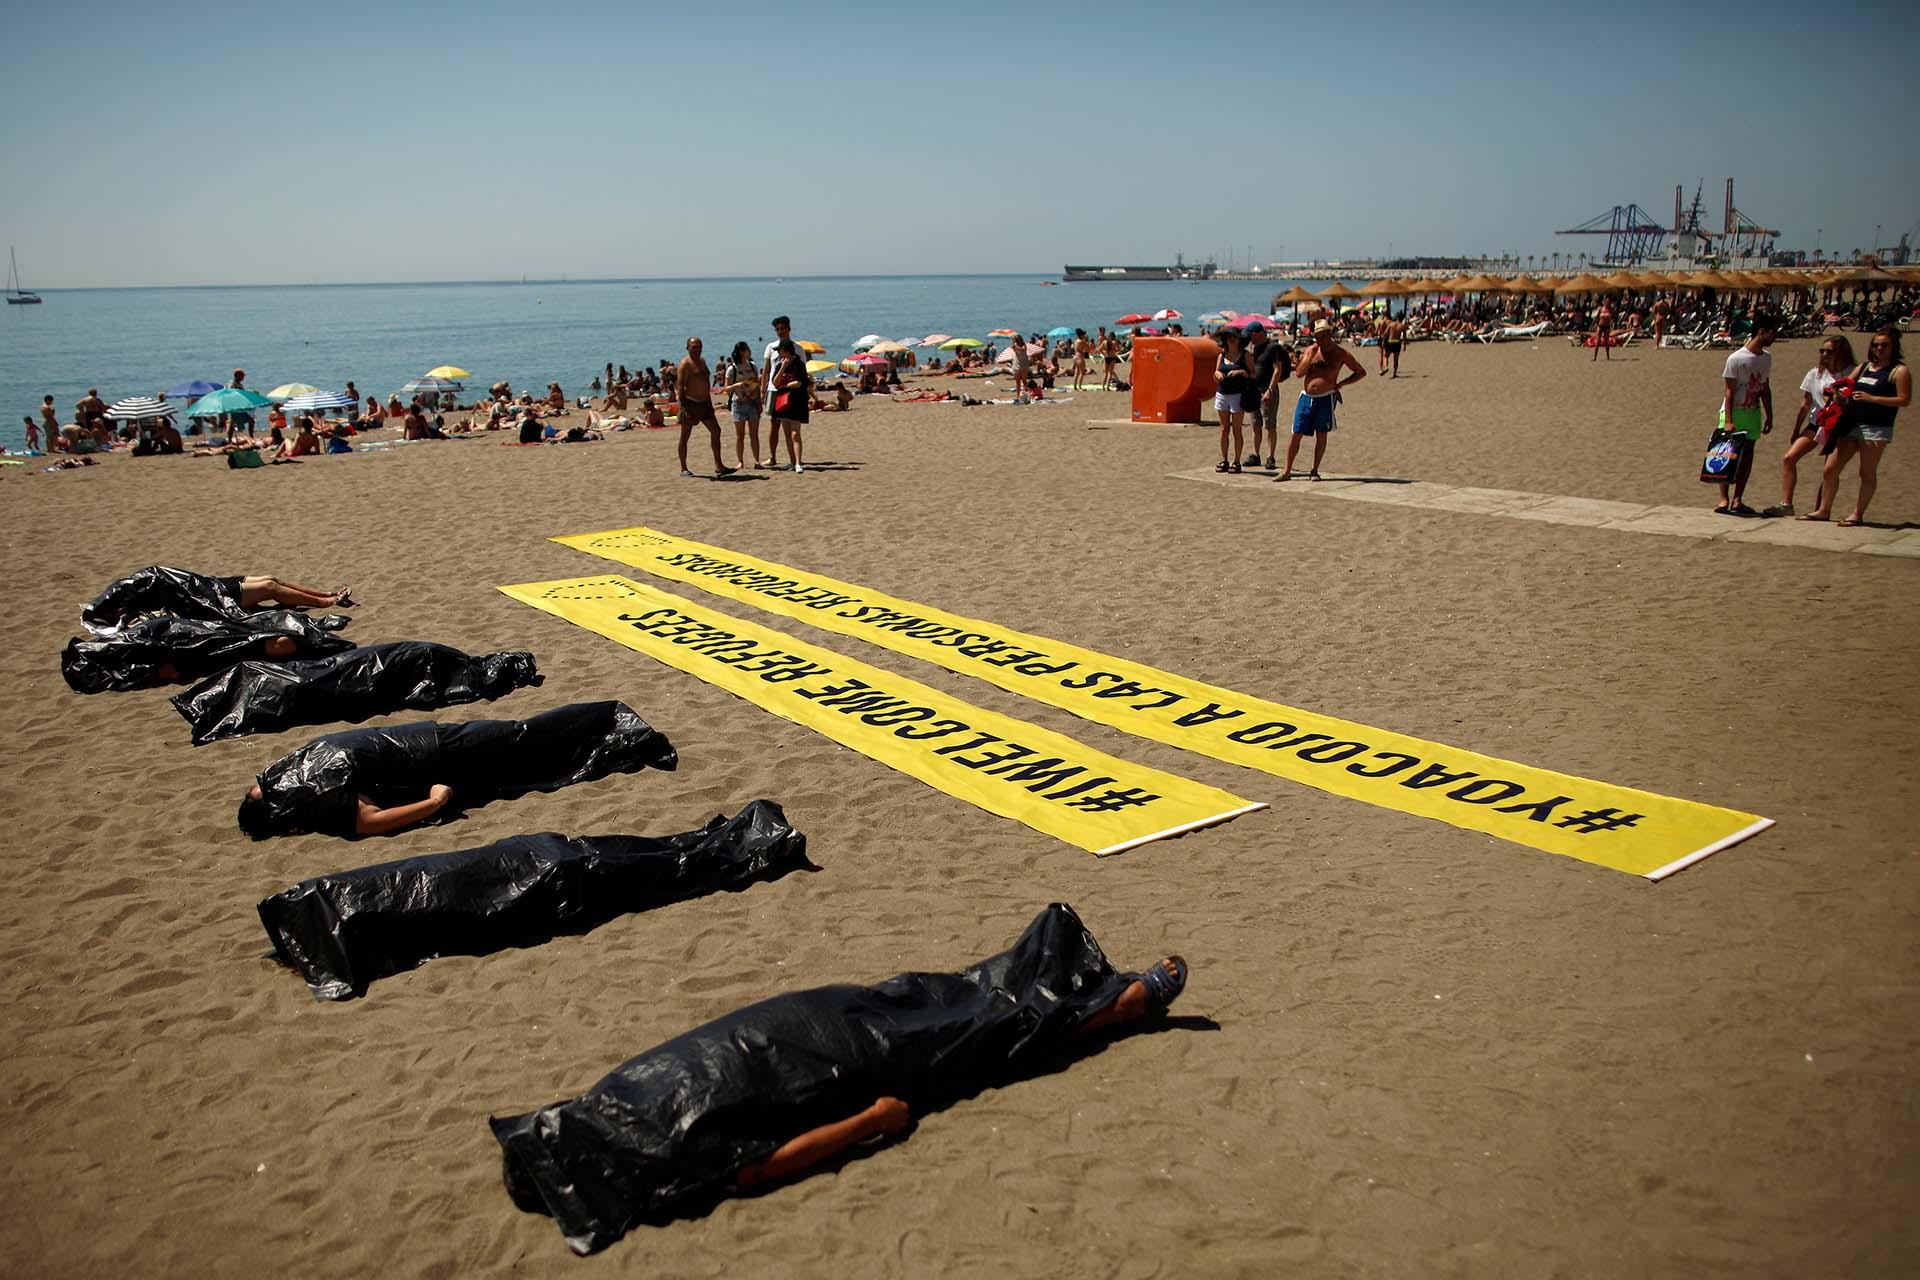 Para conmemorar el Día Mundial de los Refugiados, activistas de Amnistía Internacional participan en una actuación en Málaga que simula la muerte de inmigrantes en el Mar Mediterráneo